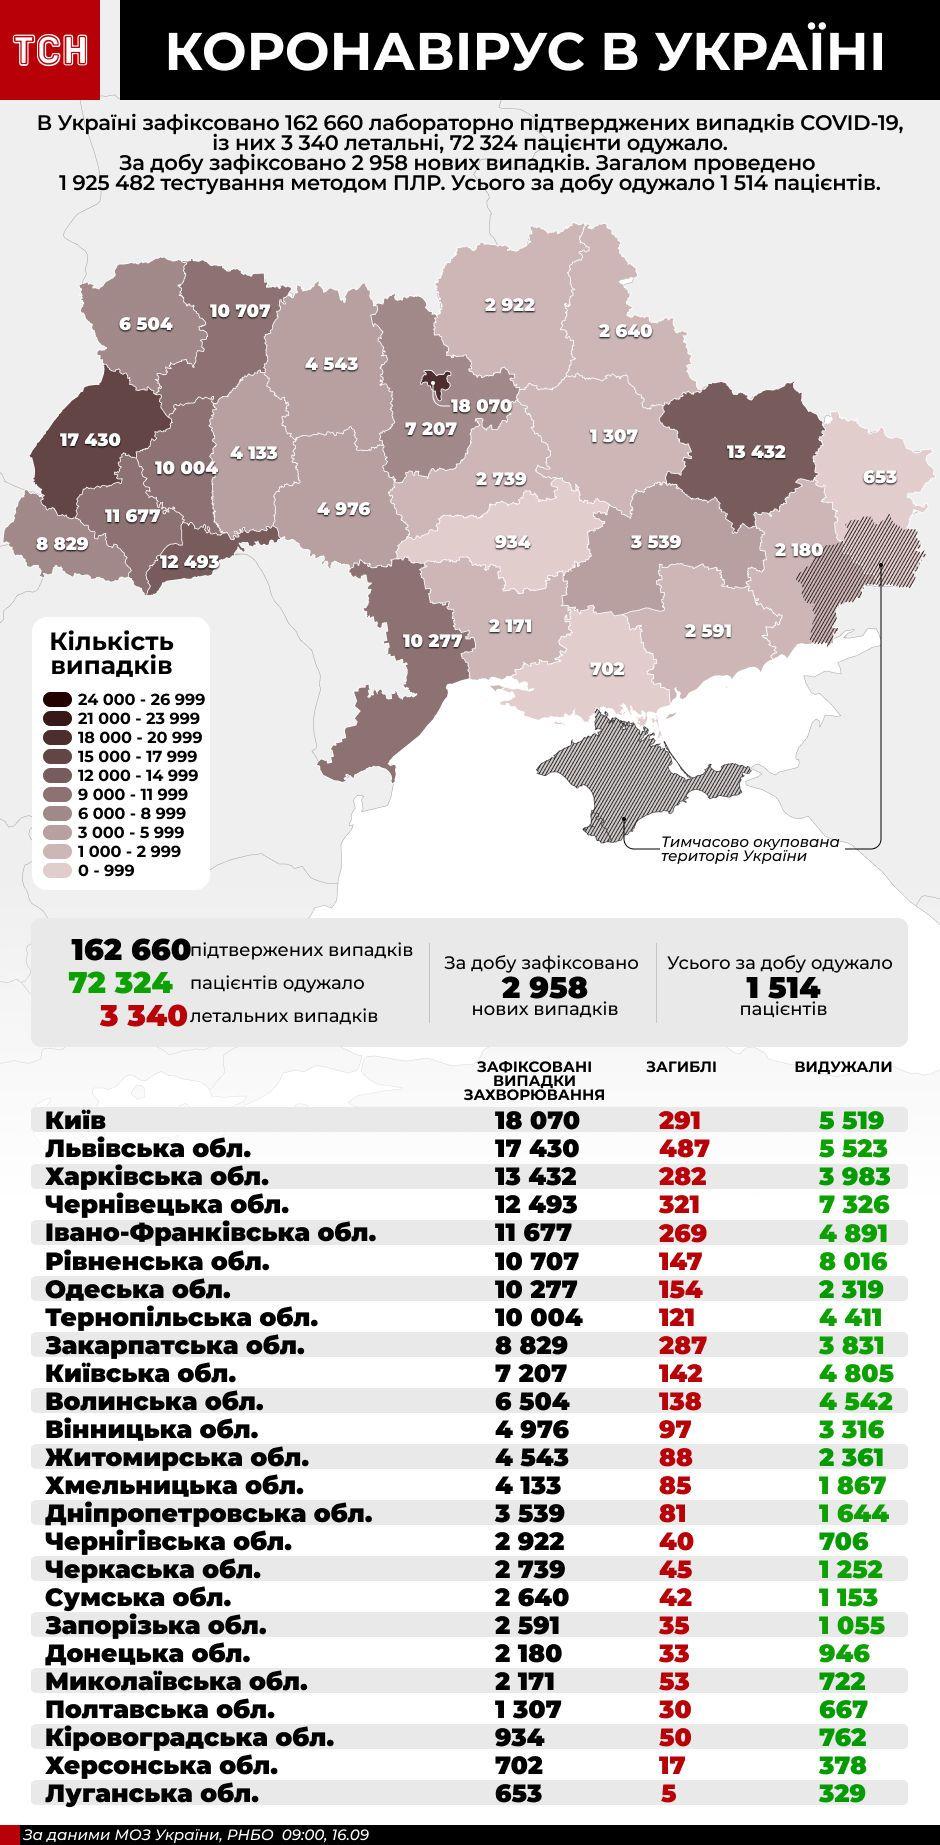 Коронавірус в Україні - інфографіка станом на 16 вересня